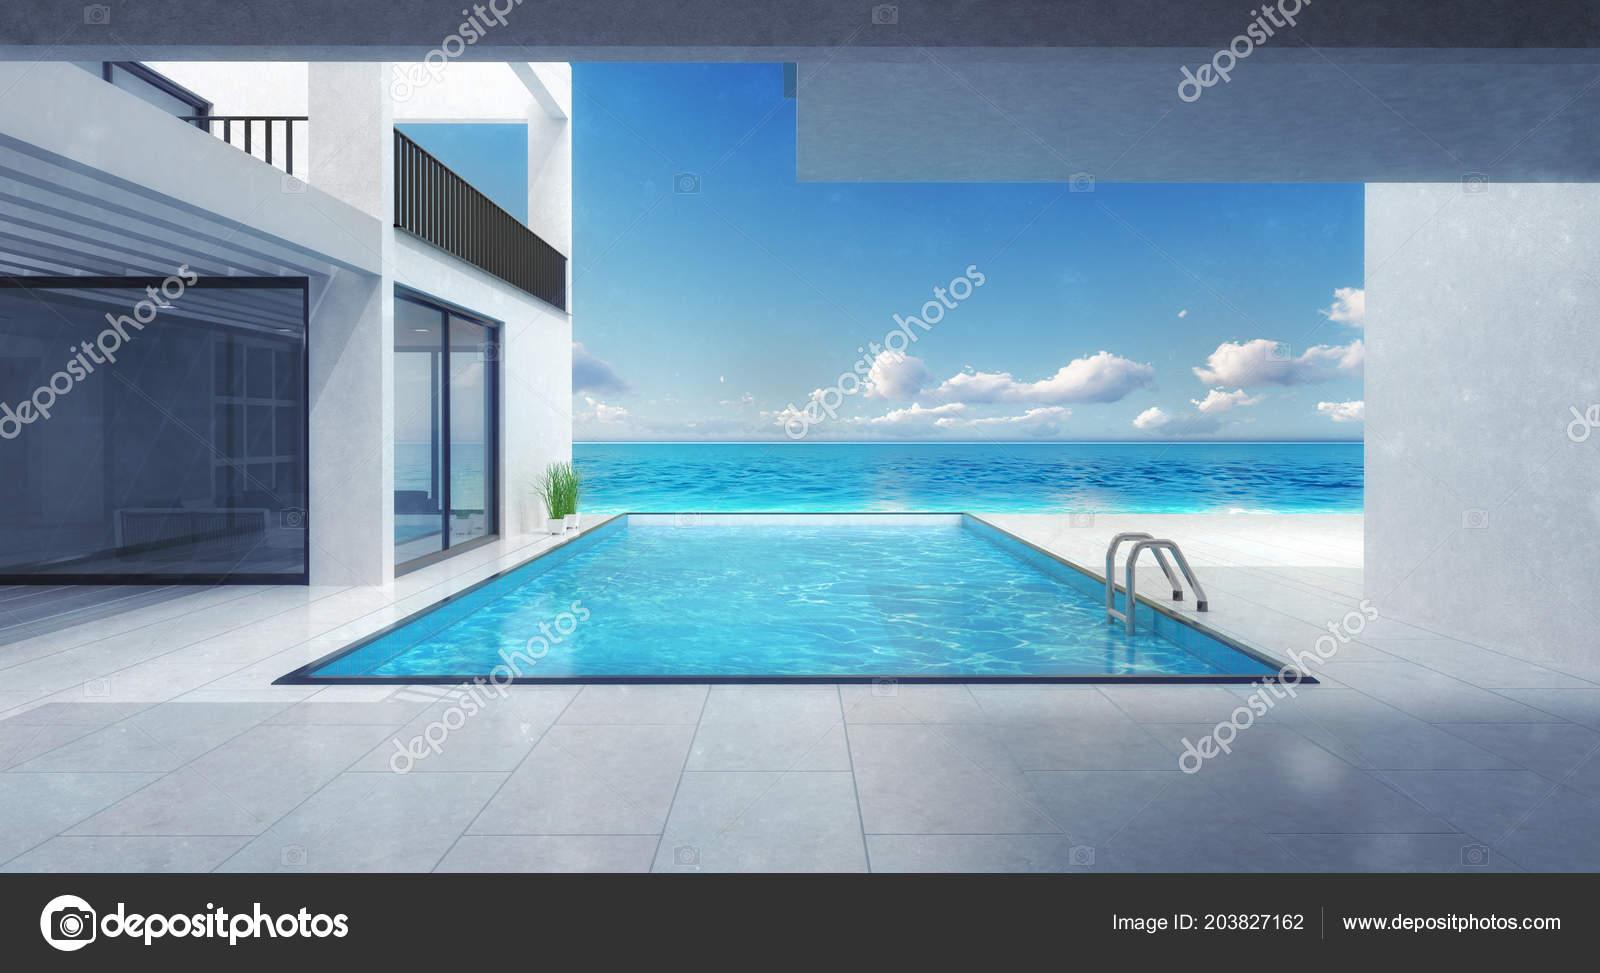 Minimalistische villa residentie met zwembad prive strand vakantie